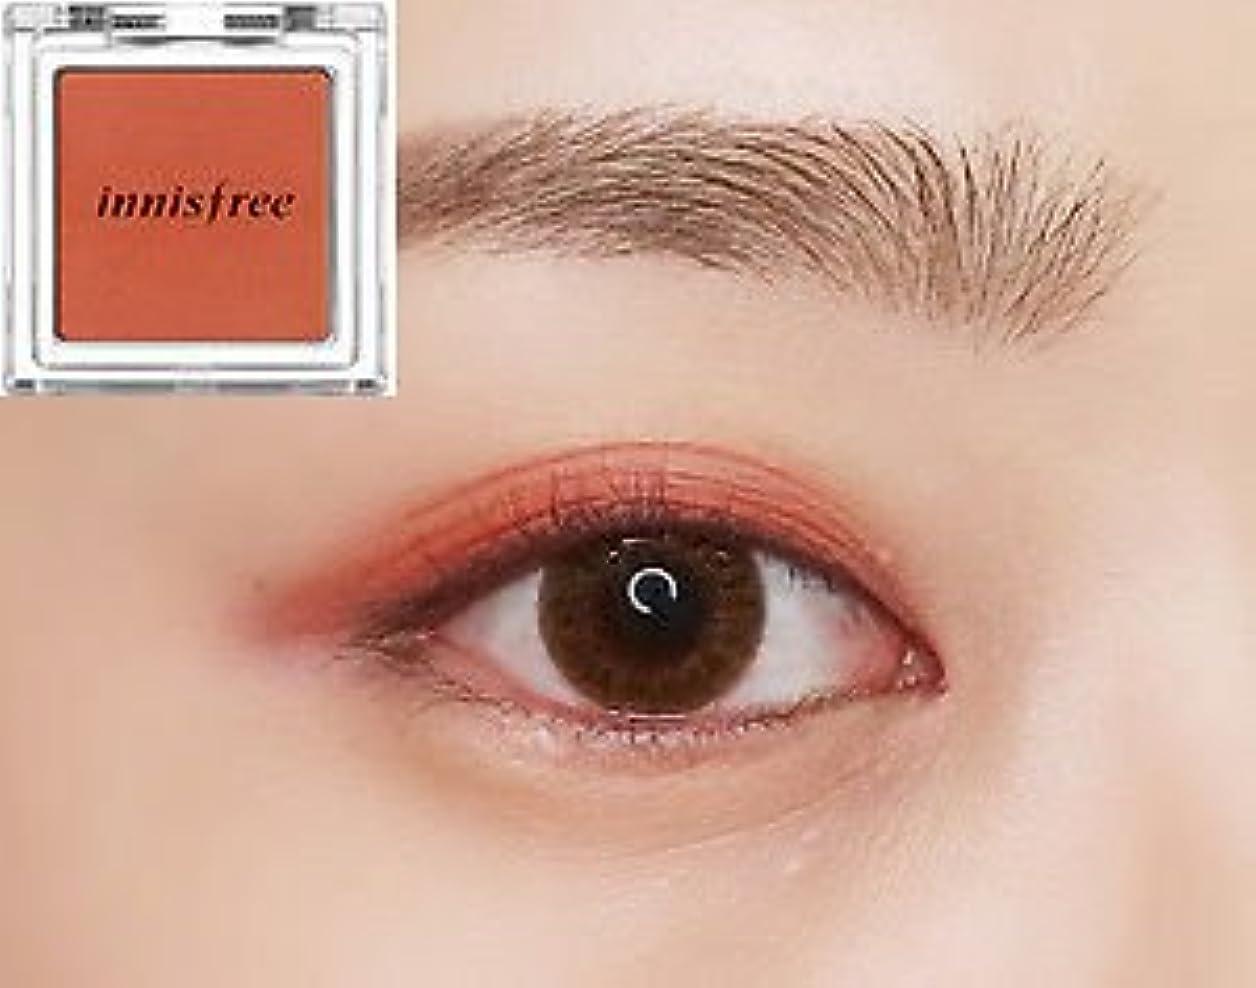 無一文周り買う[イニスフリー] innisfree [マイ パレット マイ アイシャドウ (マット) 40カラー] MY PALETTE My Eyeshadow (Matte) 40 Shades [海外直送品] (マット #34)